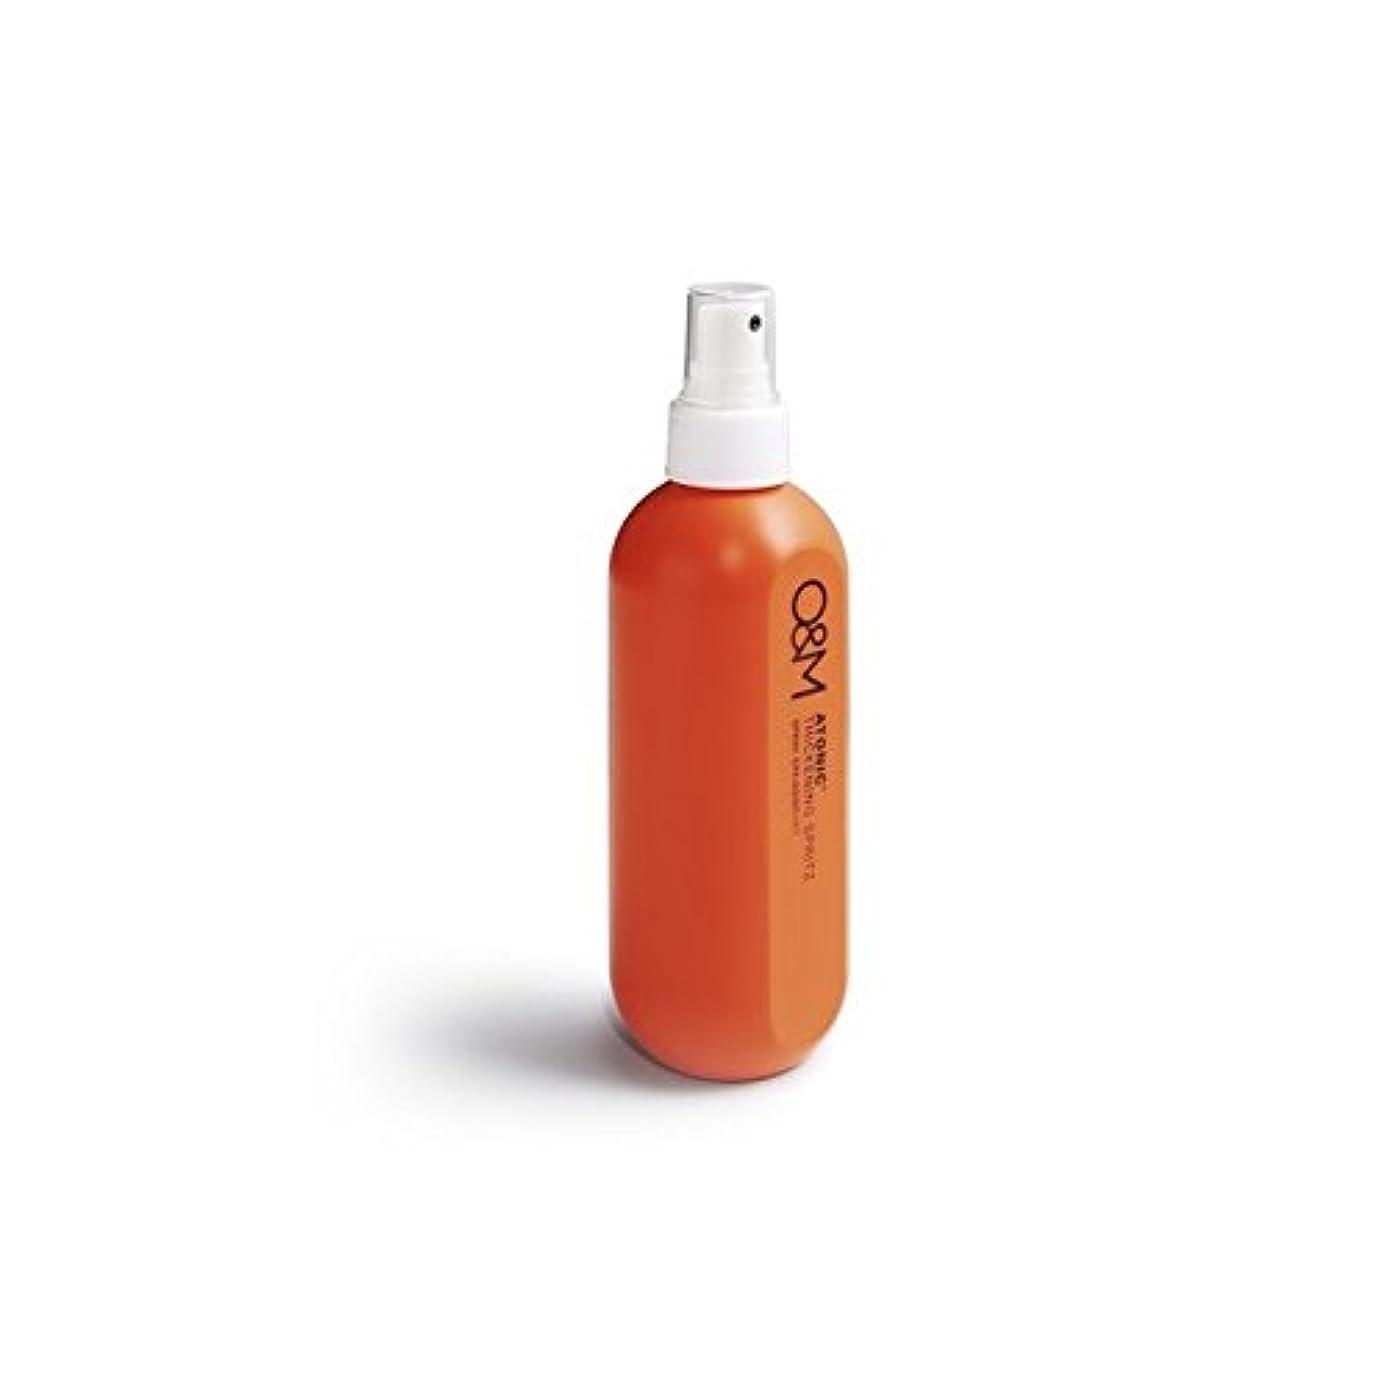 ミュージカル許される打撃Original & Mineral Atonic Thickening Spritz (250ml) - オリジナル&ミネラル脱力増粘スプリッツ(250ミリリットル) [並行輸入品]